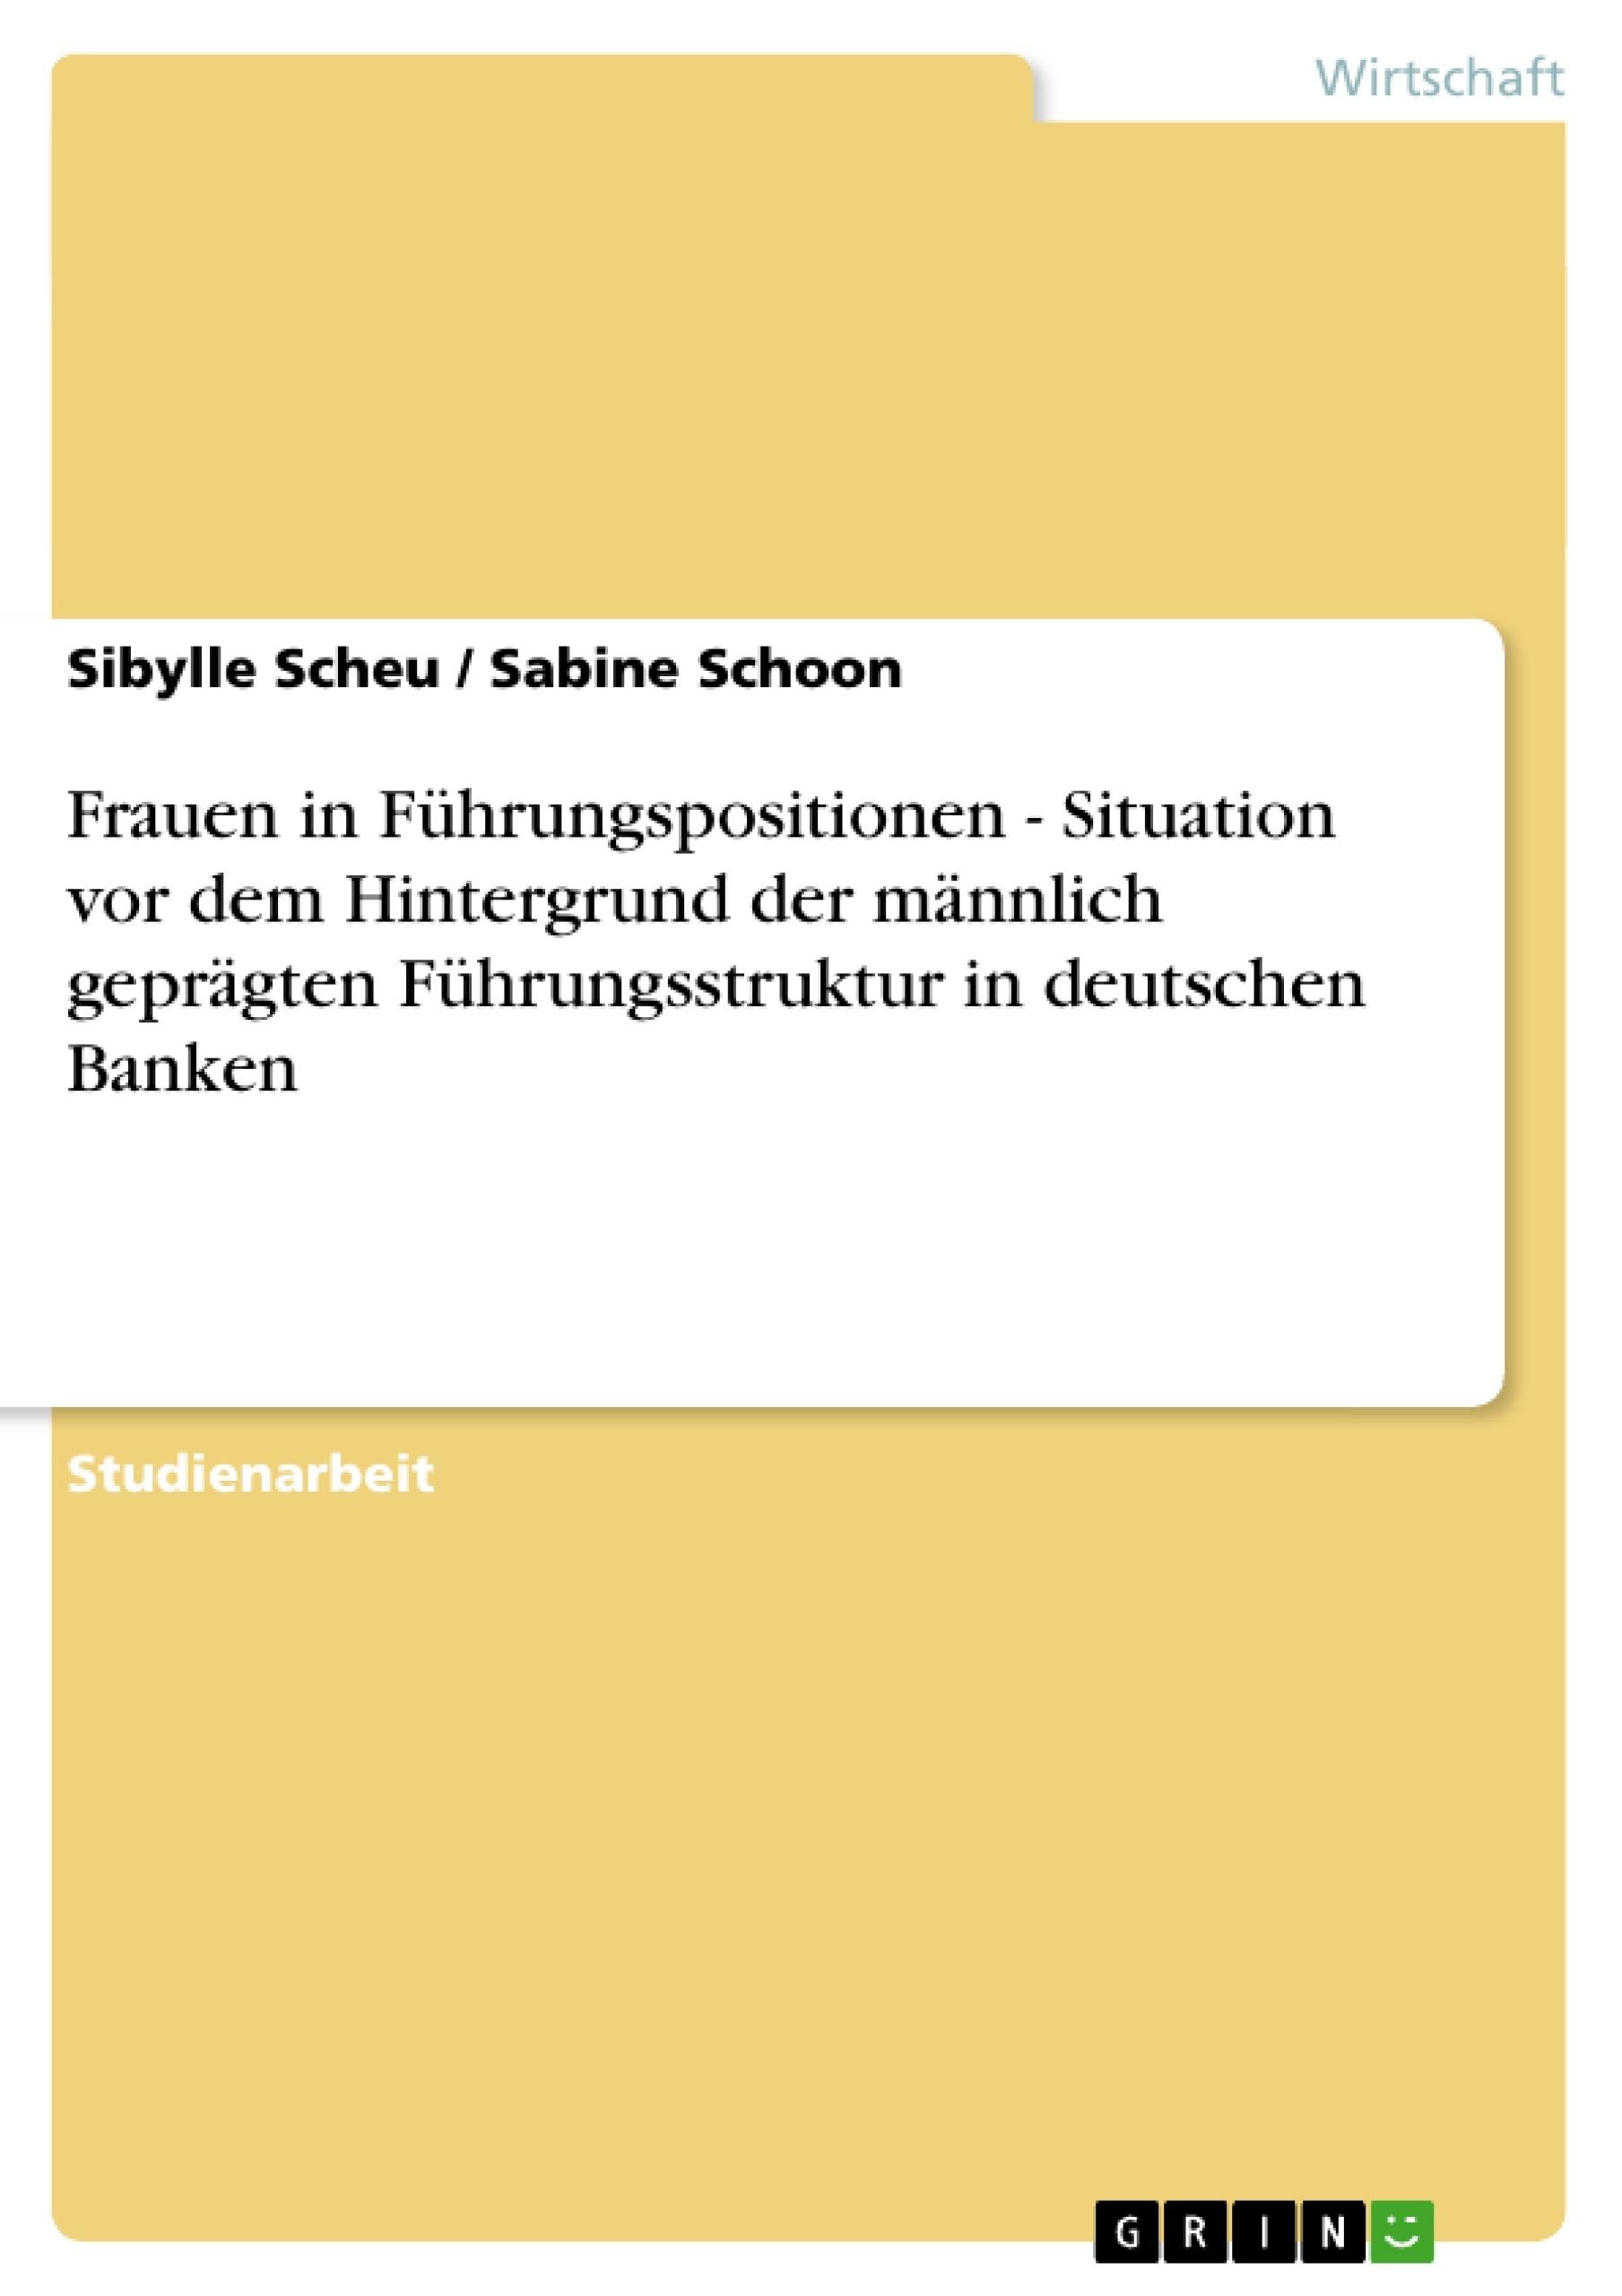 Titel: Frauen in Führungspositionen - Situation vor dem Hintergrund der männlich geprägten Führungsstruktur in deutschen Banken